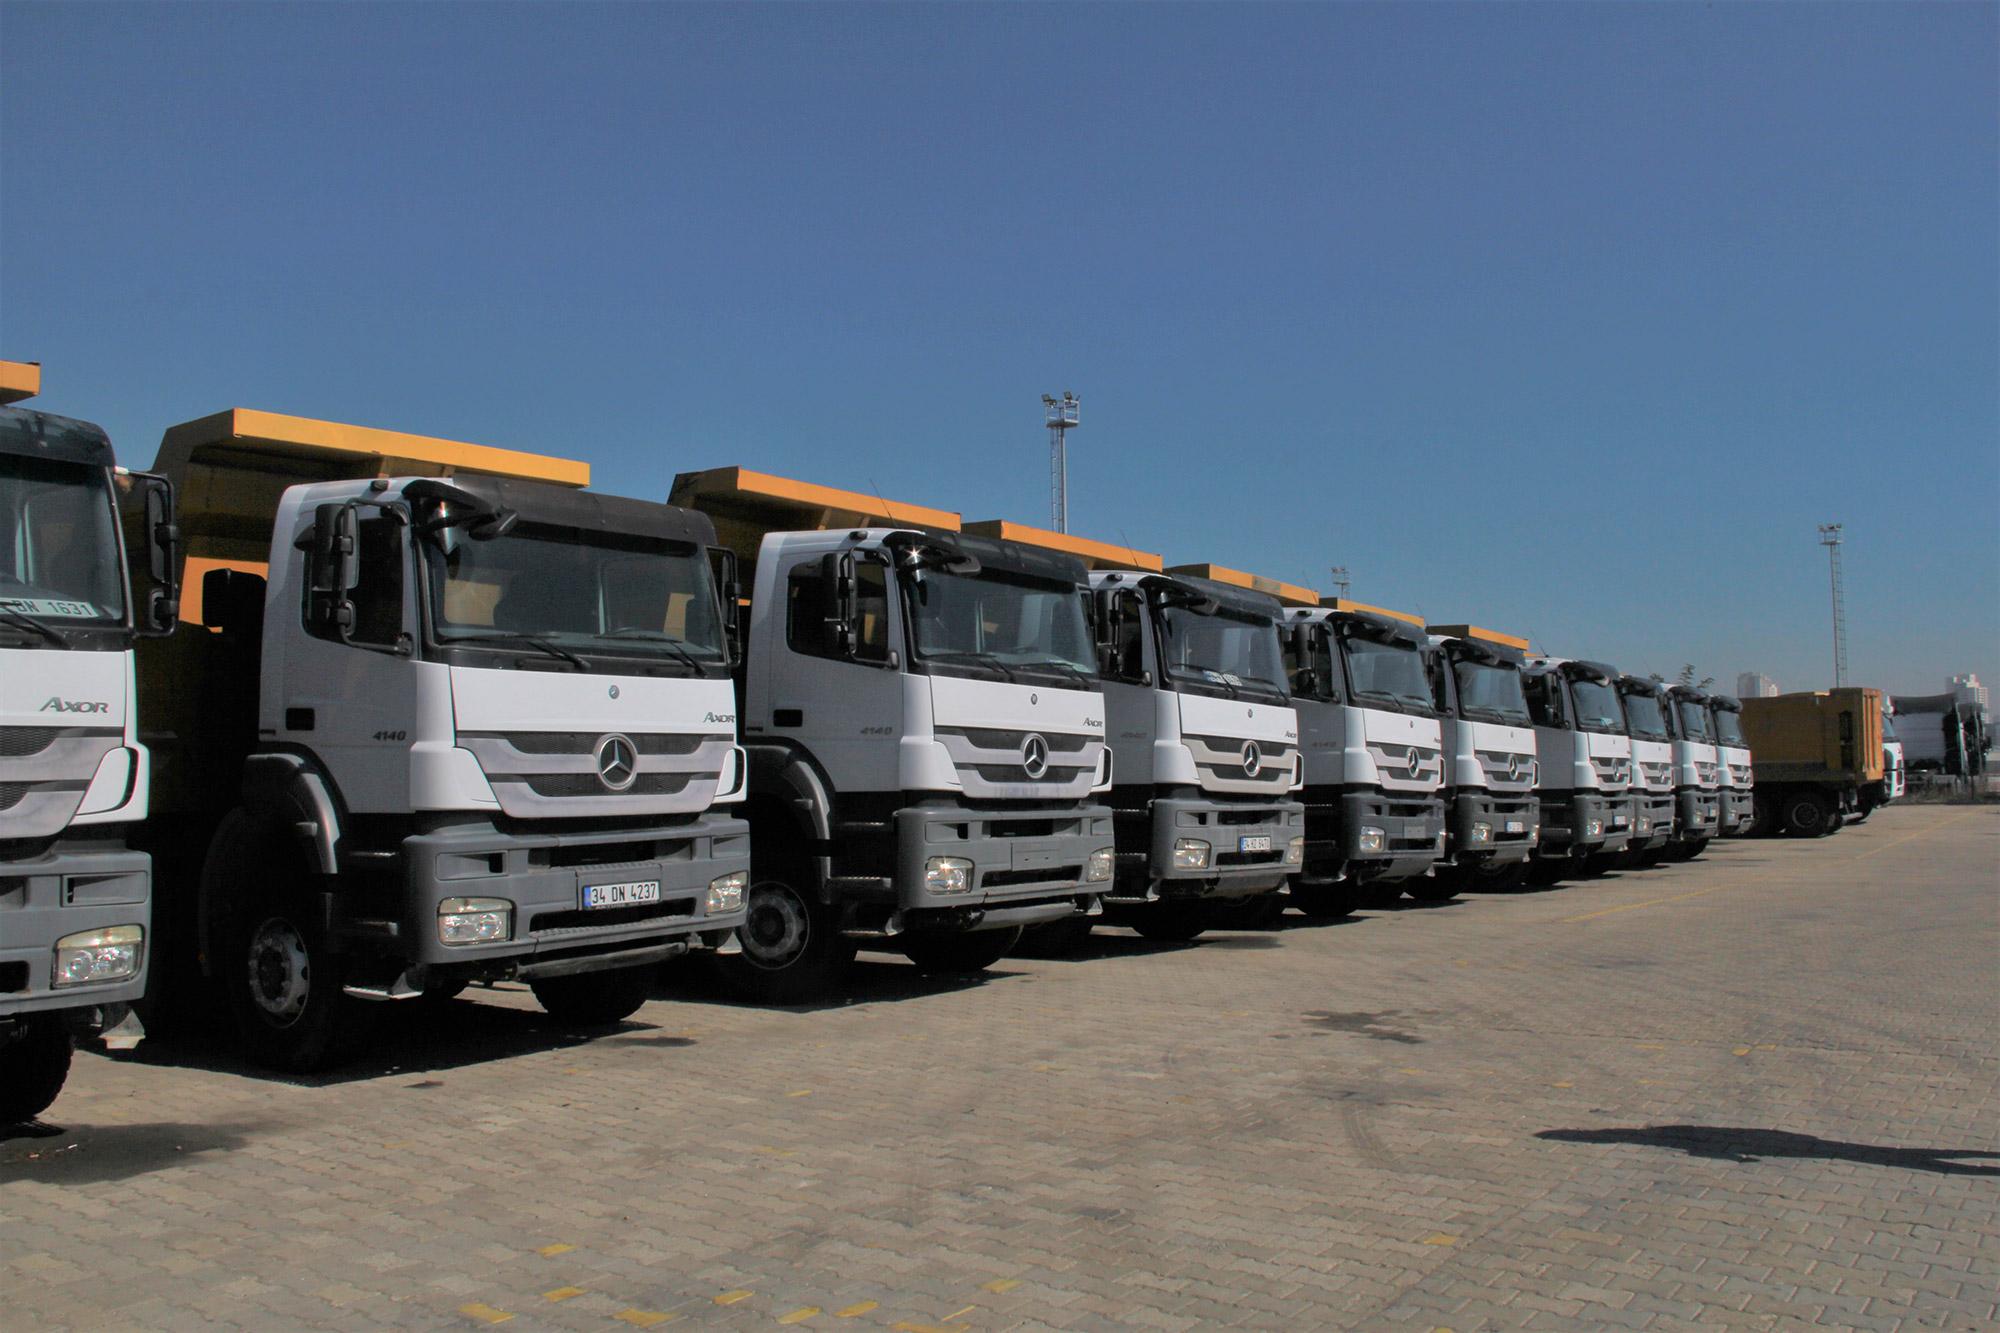 trucks-store-kamyon.jpg